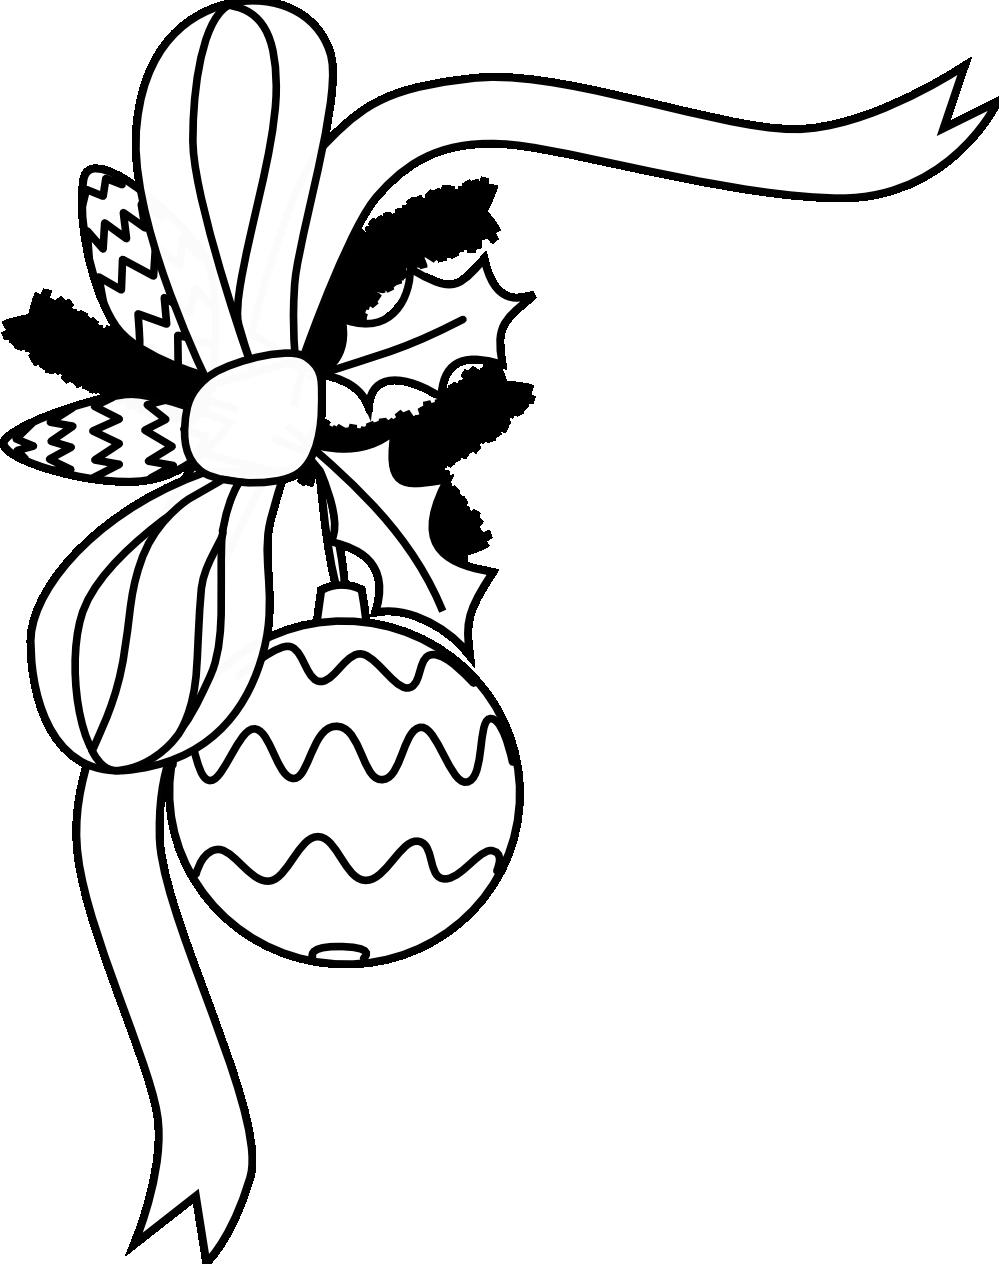 999x1264 Black And White Decorative Clip Art